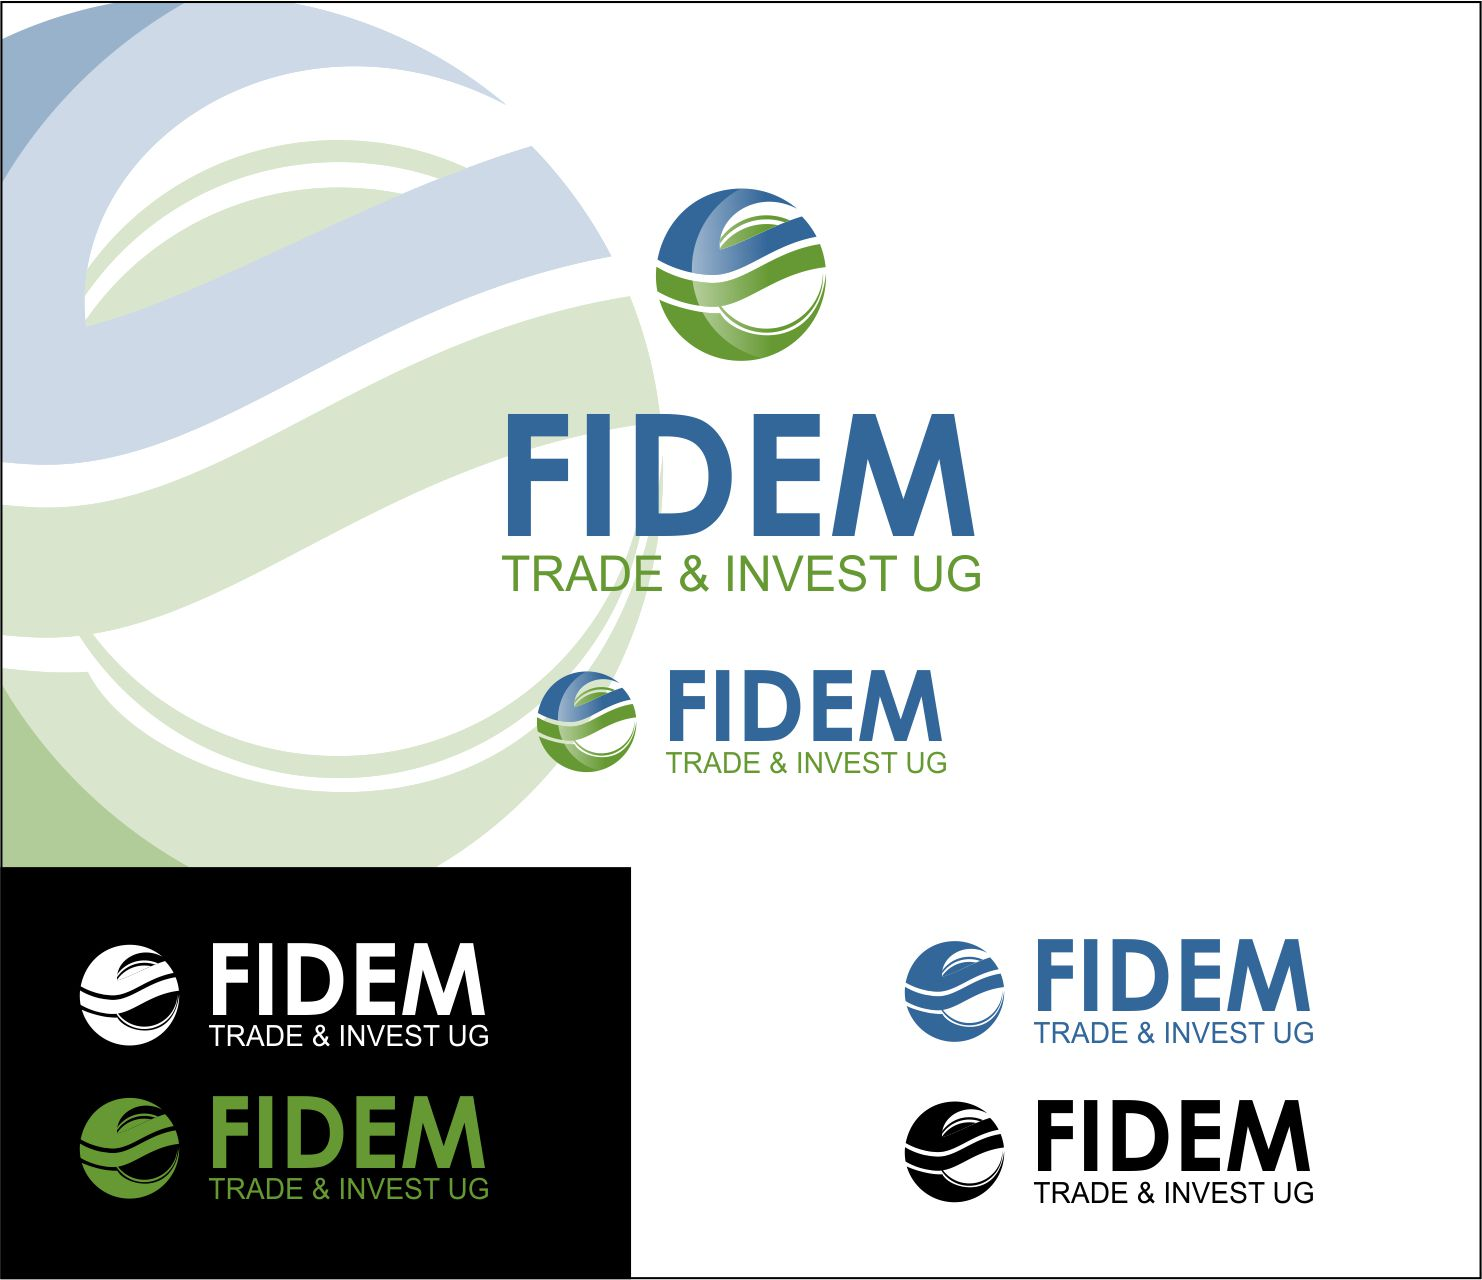 Logo Design by Agus Martoyo - Entry No. 290 in the Logo Design Contest Professional Logo Design for FIDEM Trade & Invest UG.